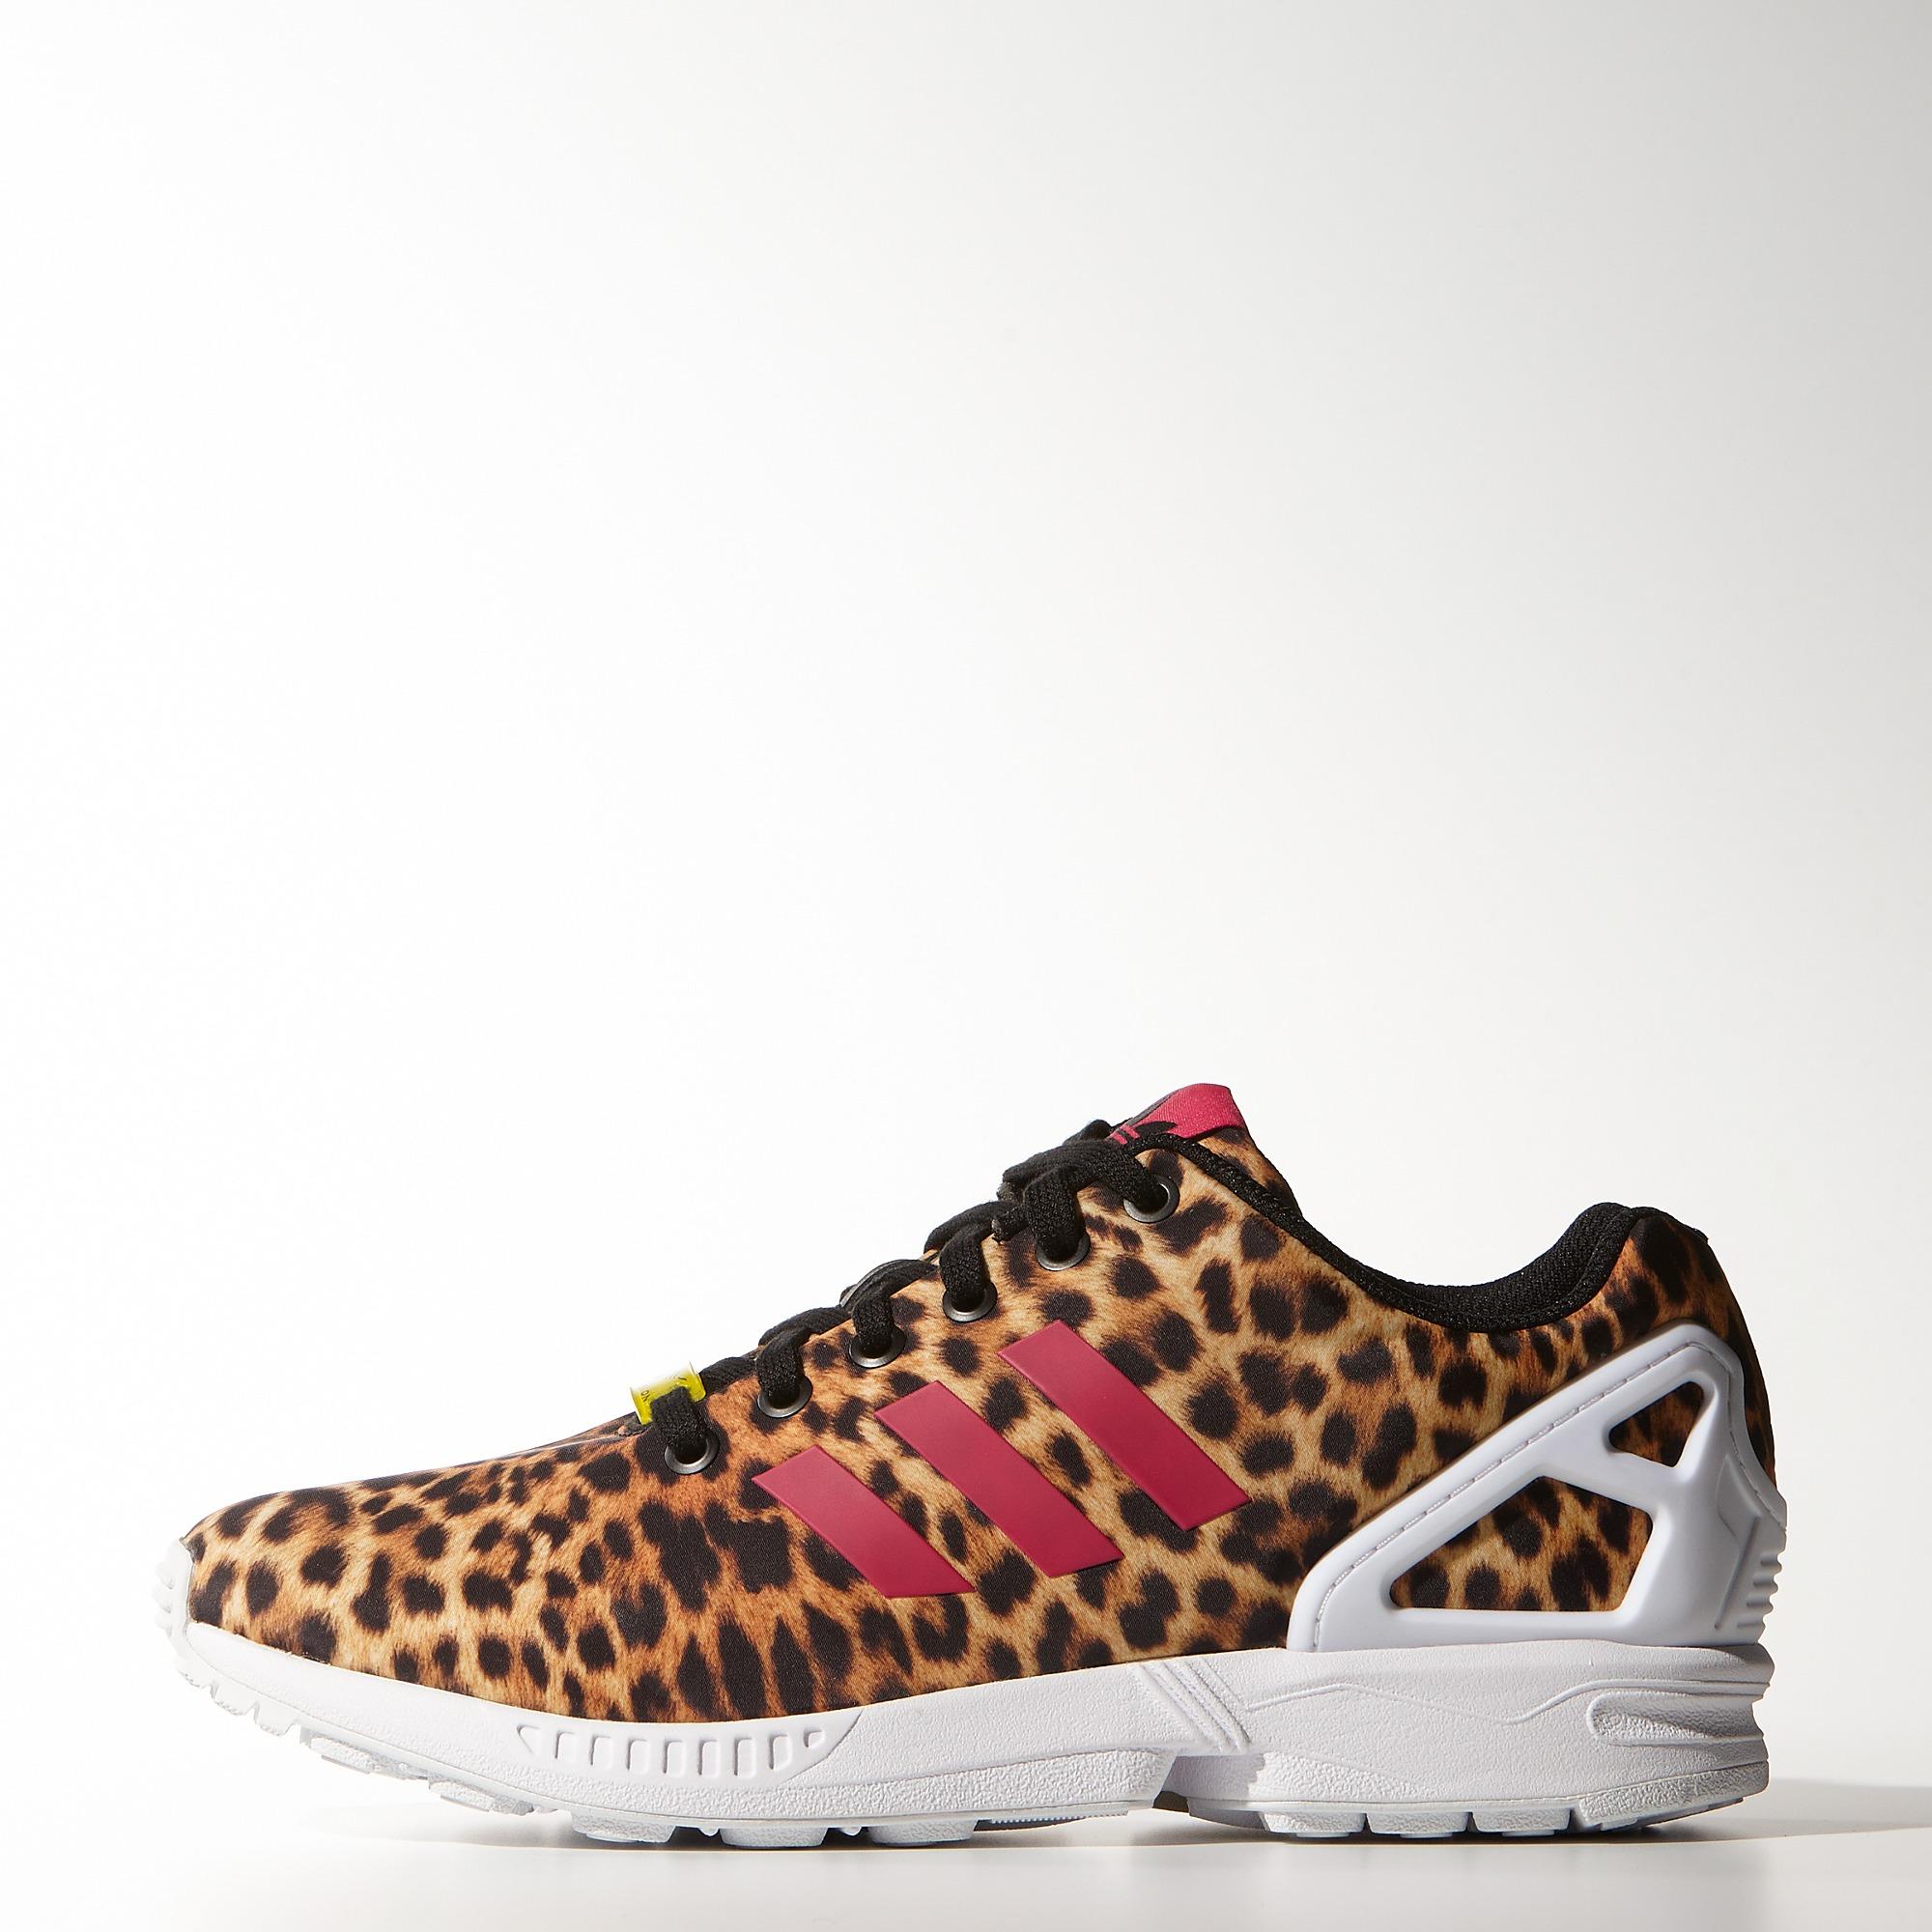 adidas leopardate